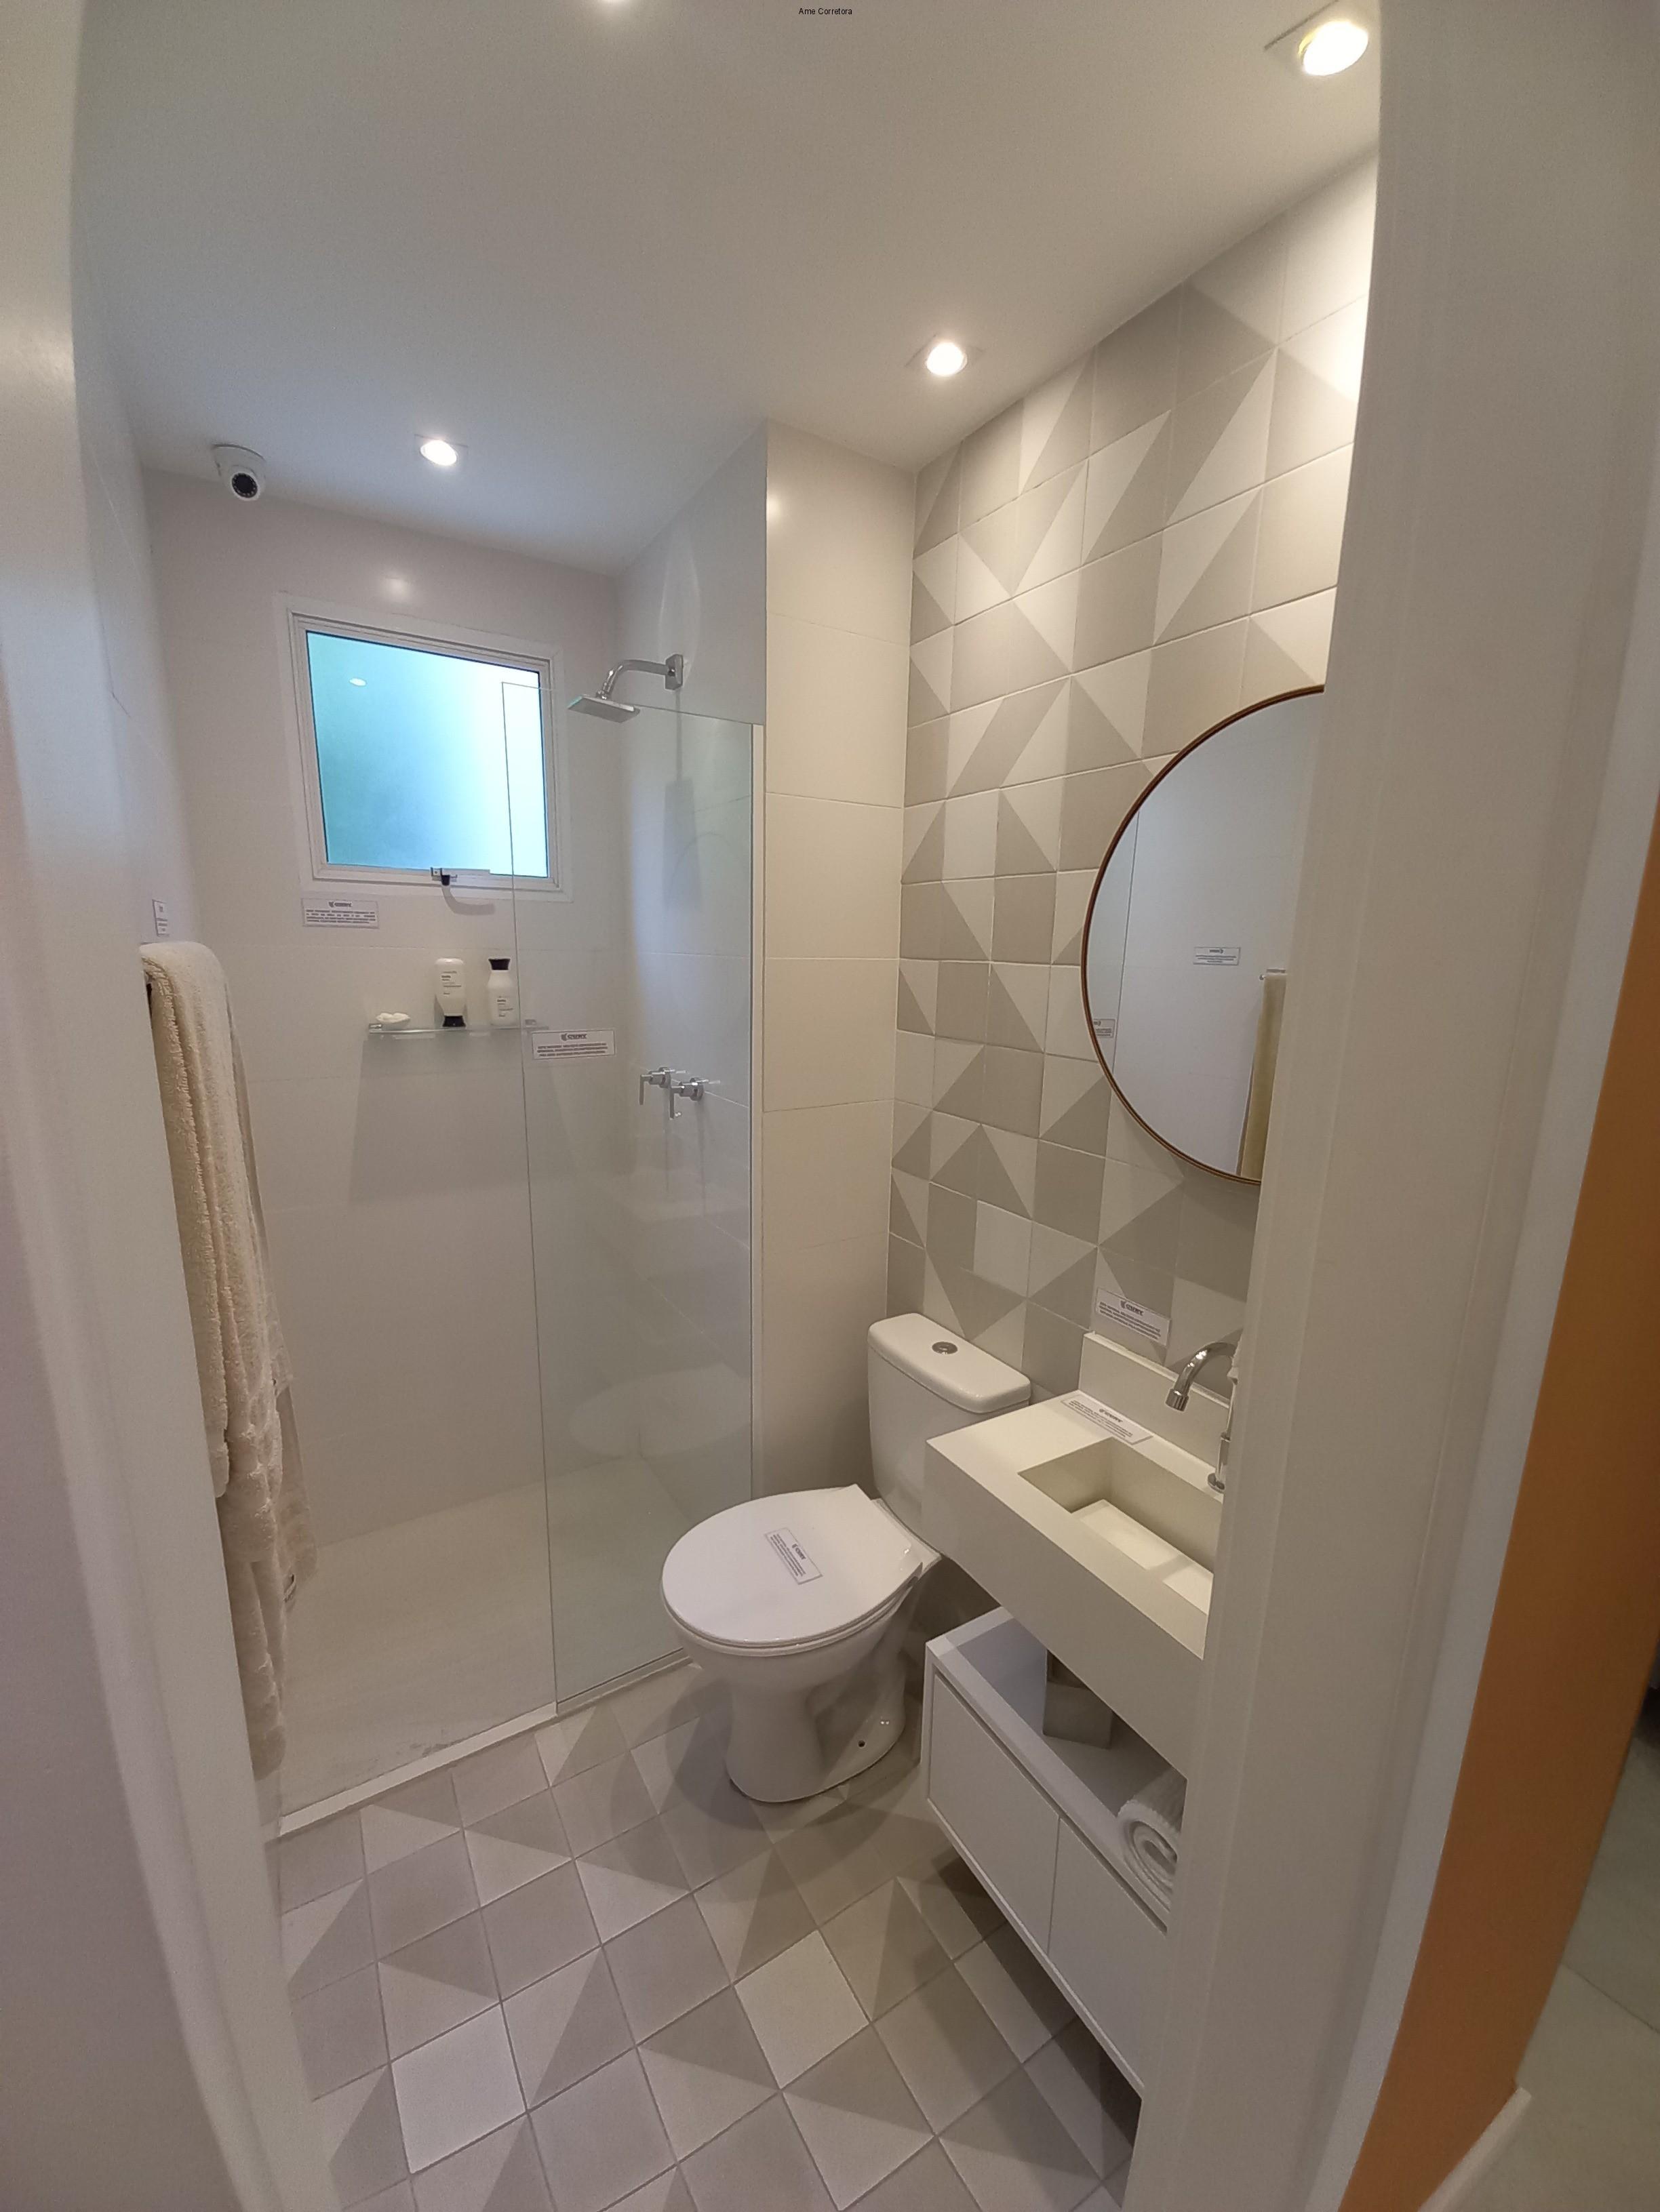 FOTO 07 - Apartamento 2 quartos à venda Rio de Janeiro,RJ - R$ 144.000 - AP00418 - 8